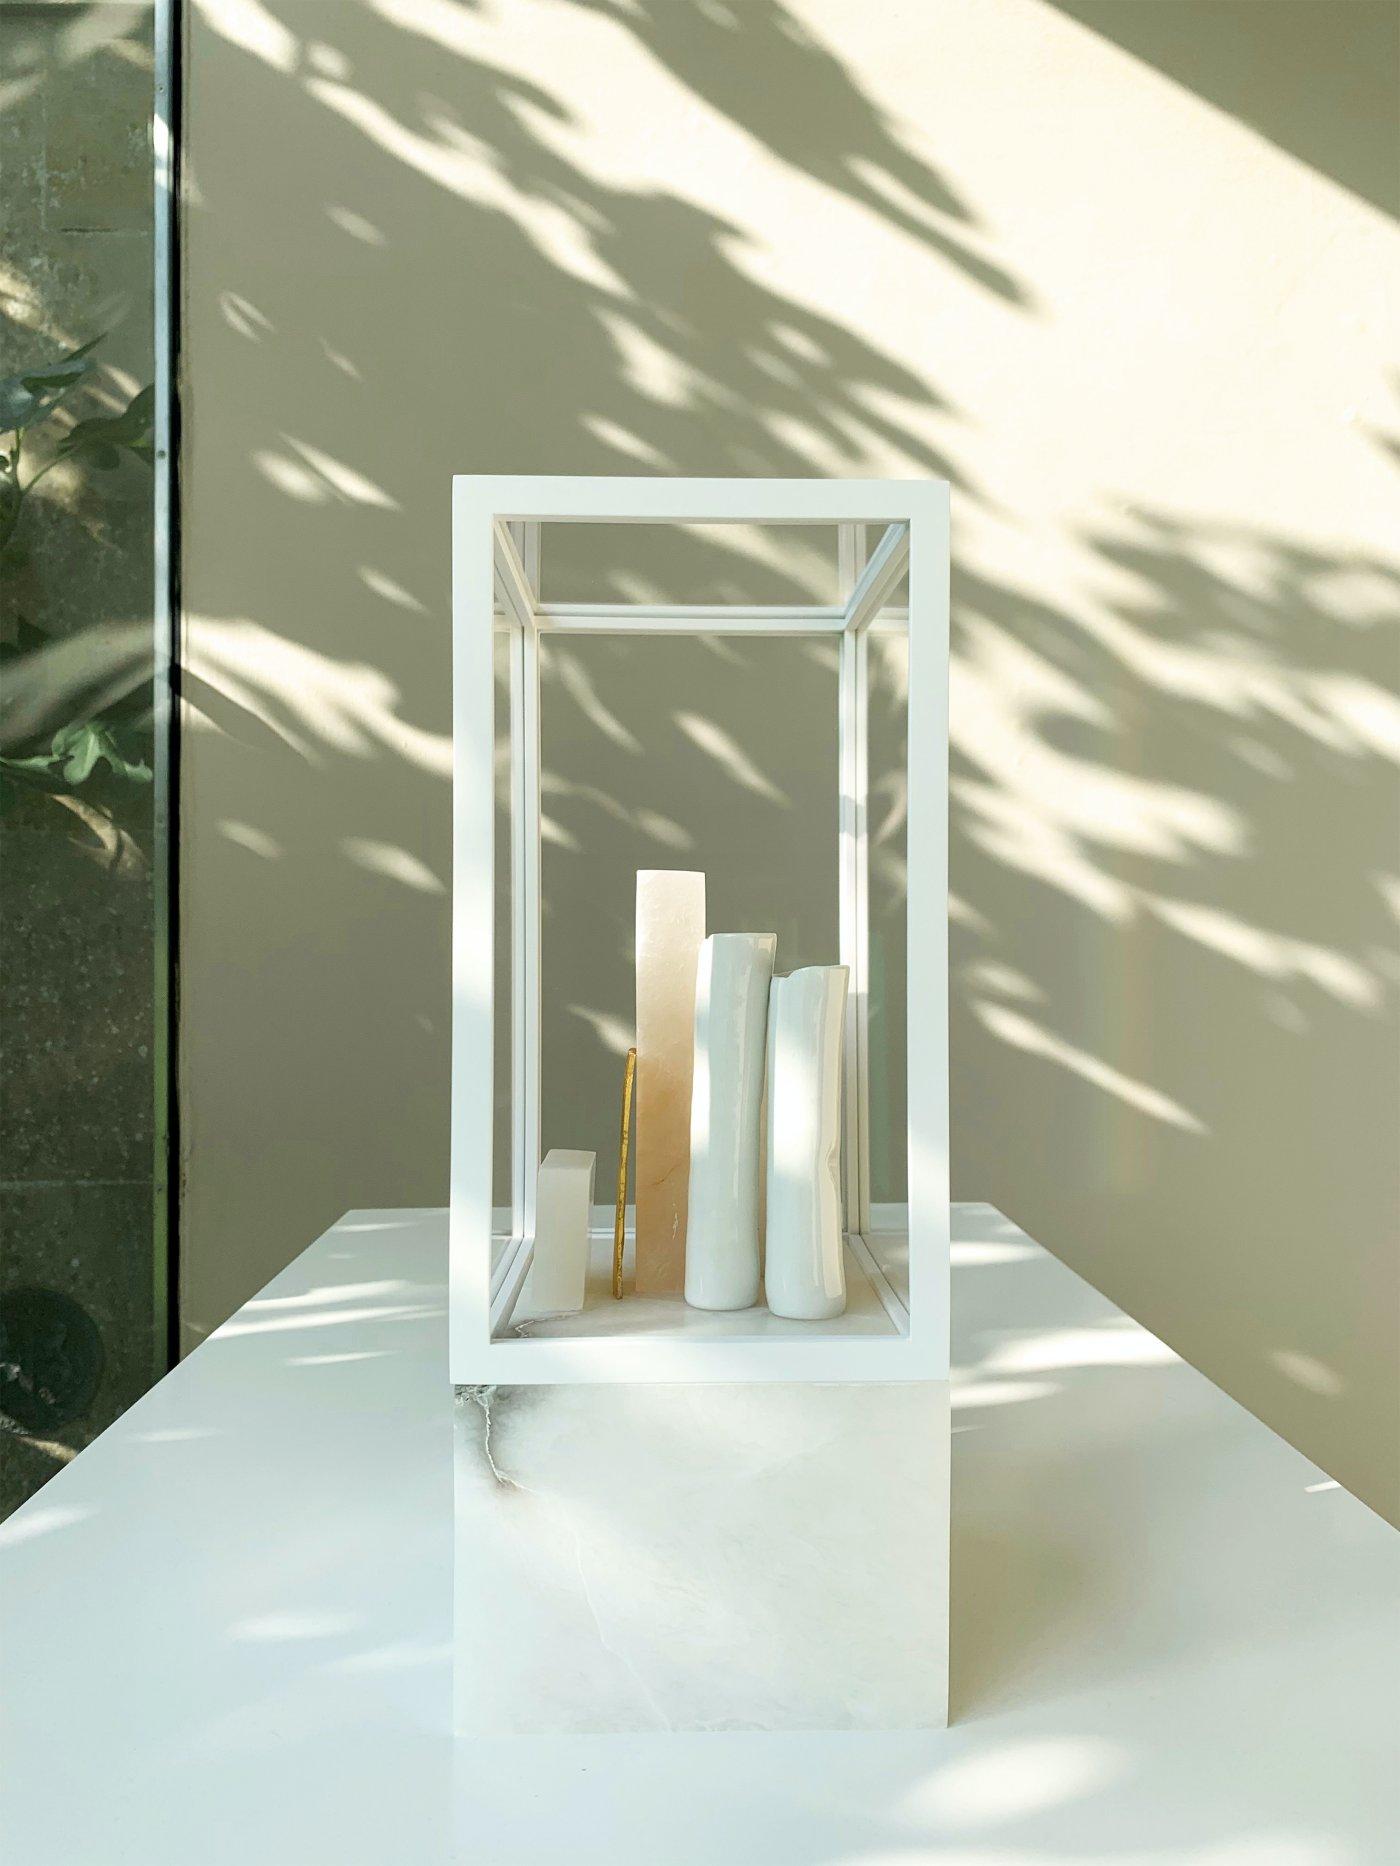 New Art Centre Edmund de Waal 9